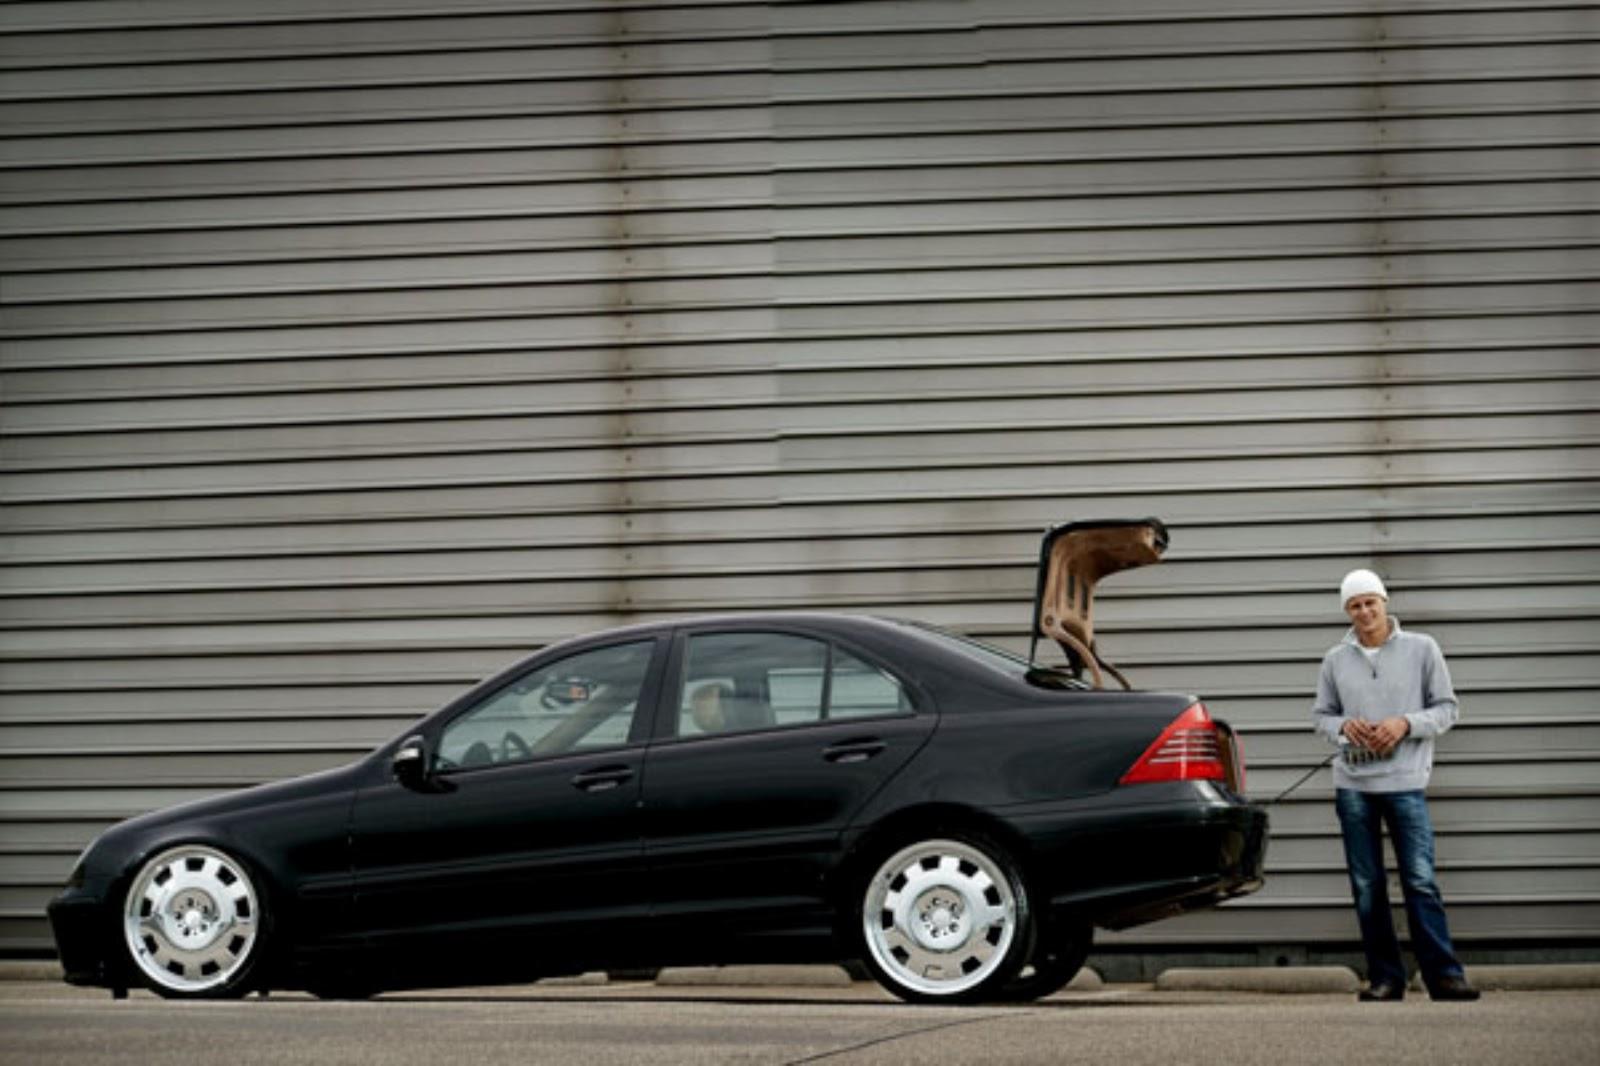 All Cars NZ: Mercedes Benz W203: http://allcarsnz.blogspot.com/2013/04/mercedes-benz-w203.html